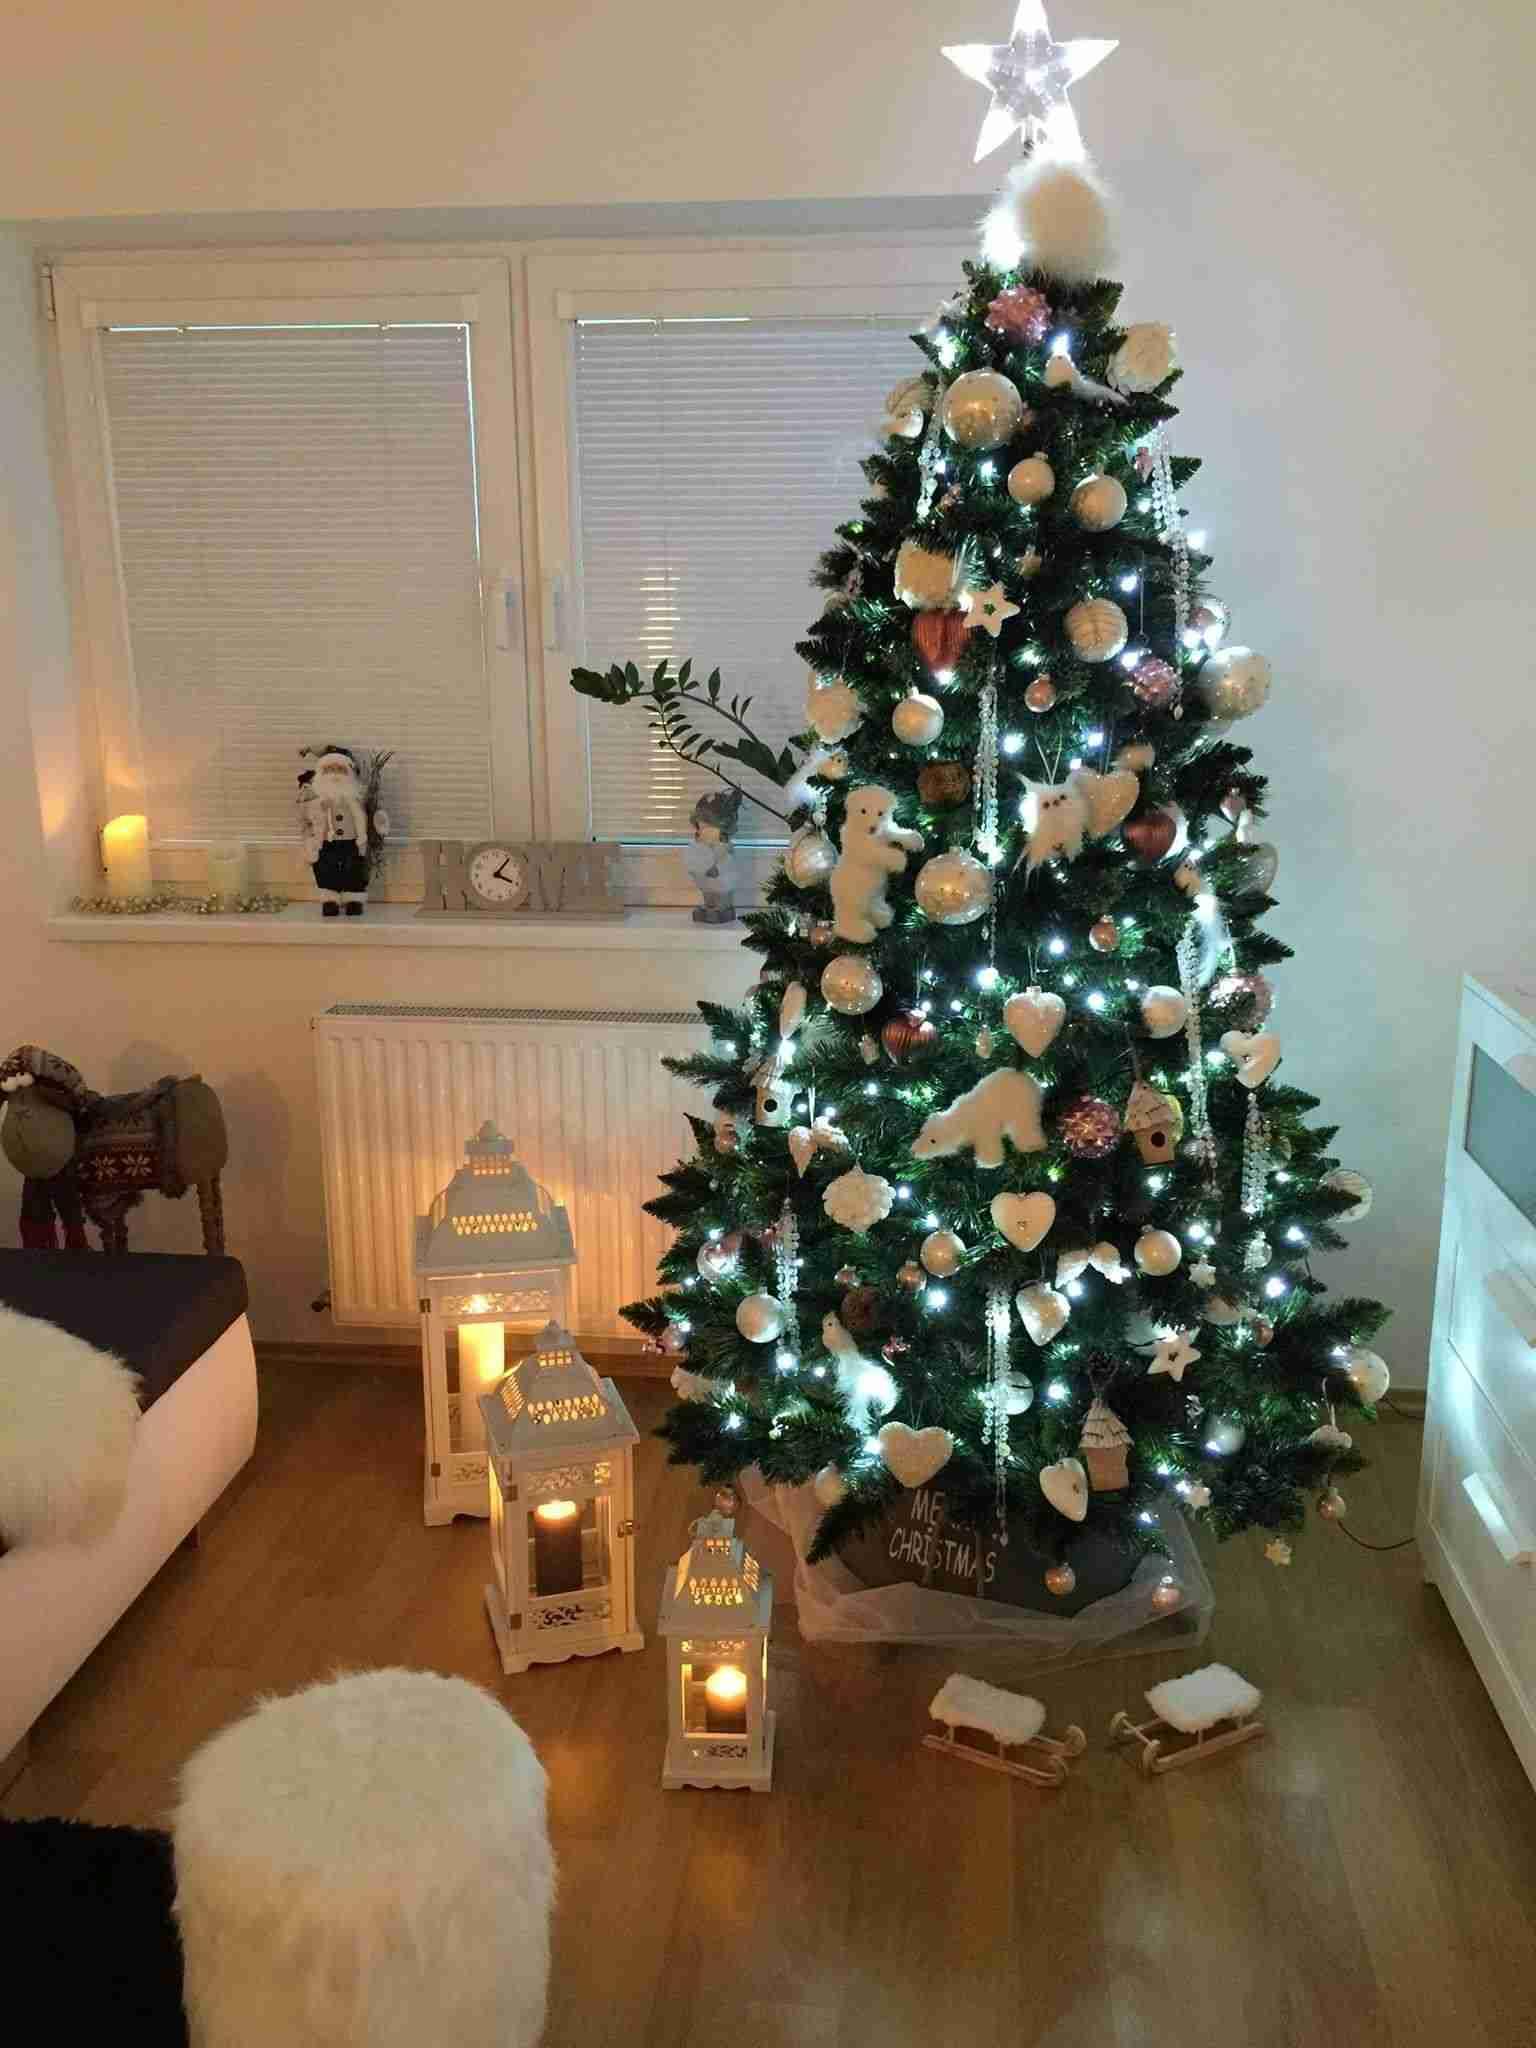 db8e3e1bd Ako ozdoby na vianočný stromček zvoľte biele ľadové medvede, banky,  srdiečka a hviezdy. Keďže osvetlenie je v ľadovej bielej farbe, stačí  dekorácie ladiť ...